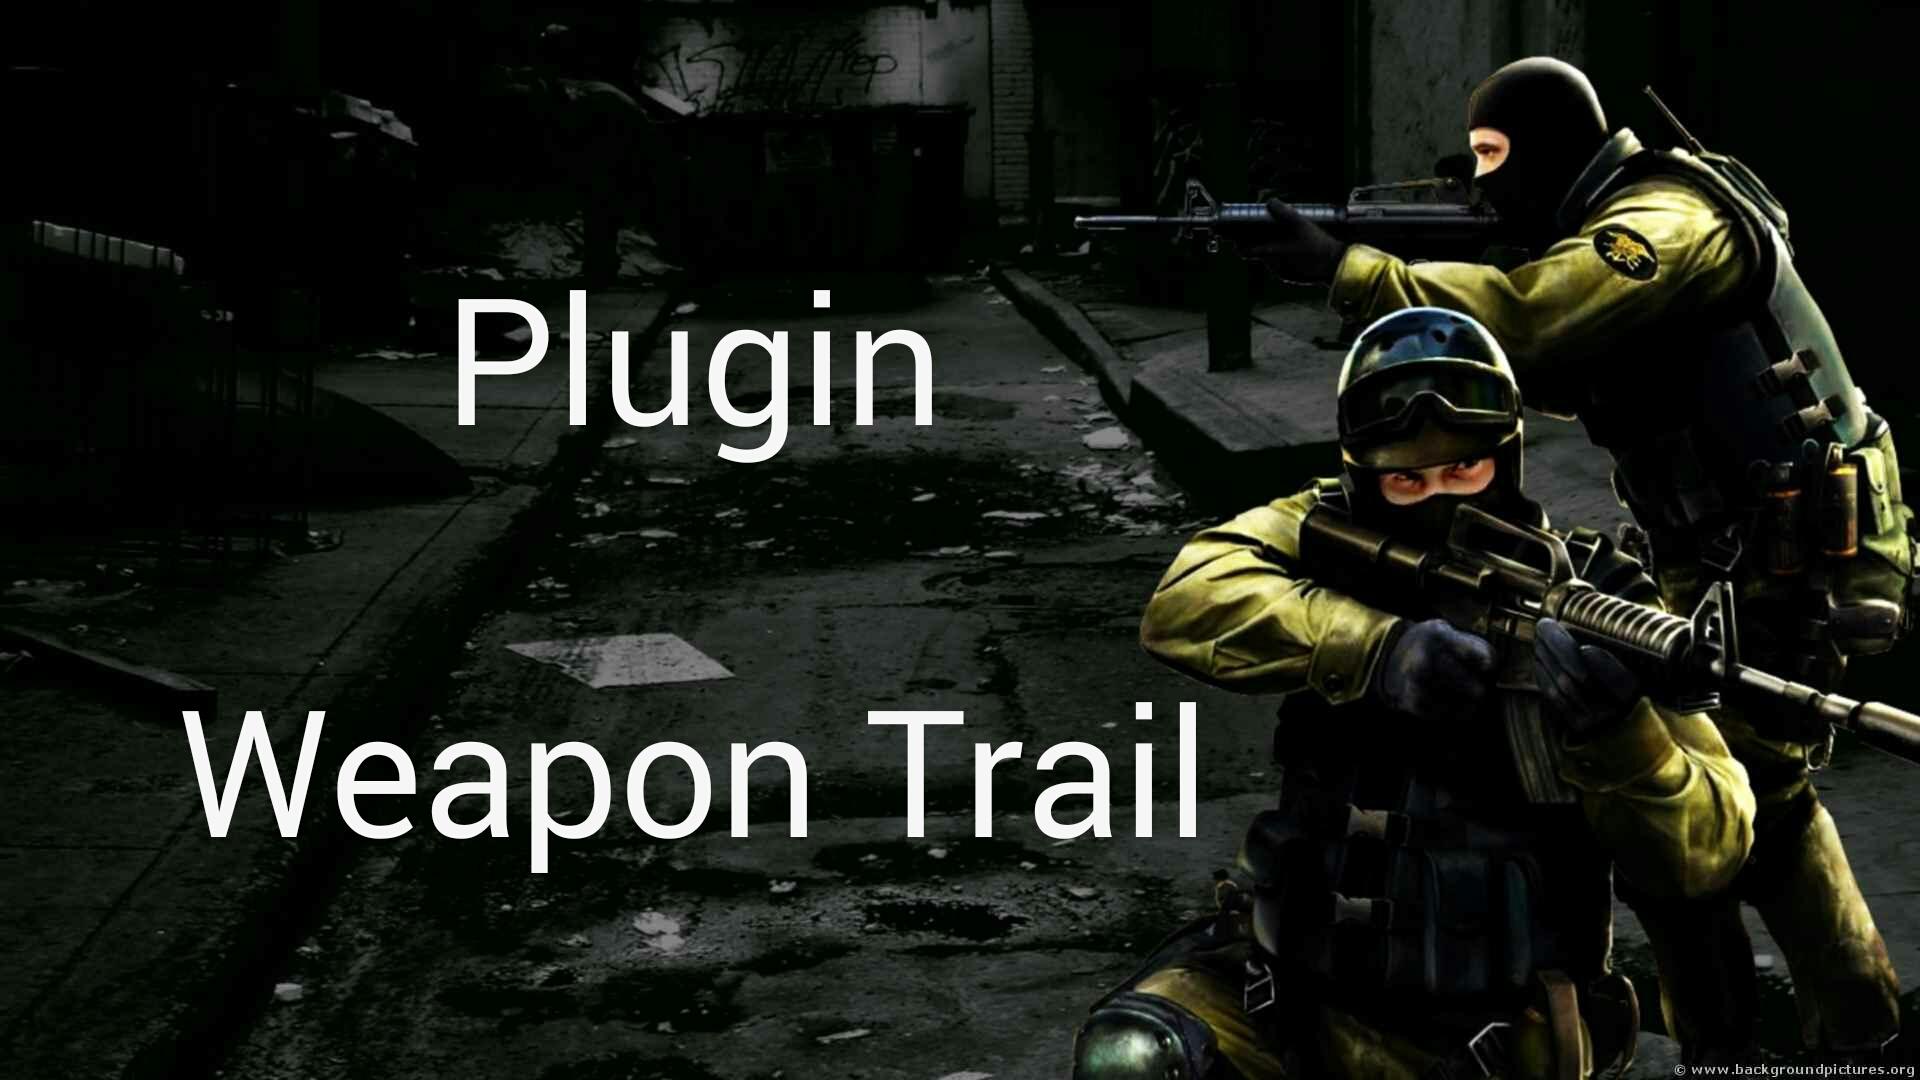 دانلود پلاگین Weapon Trail برای کانتر استریک 1.6